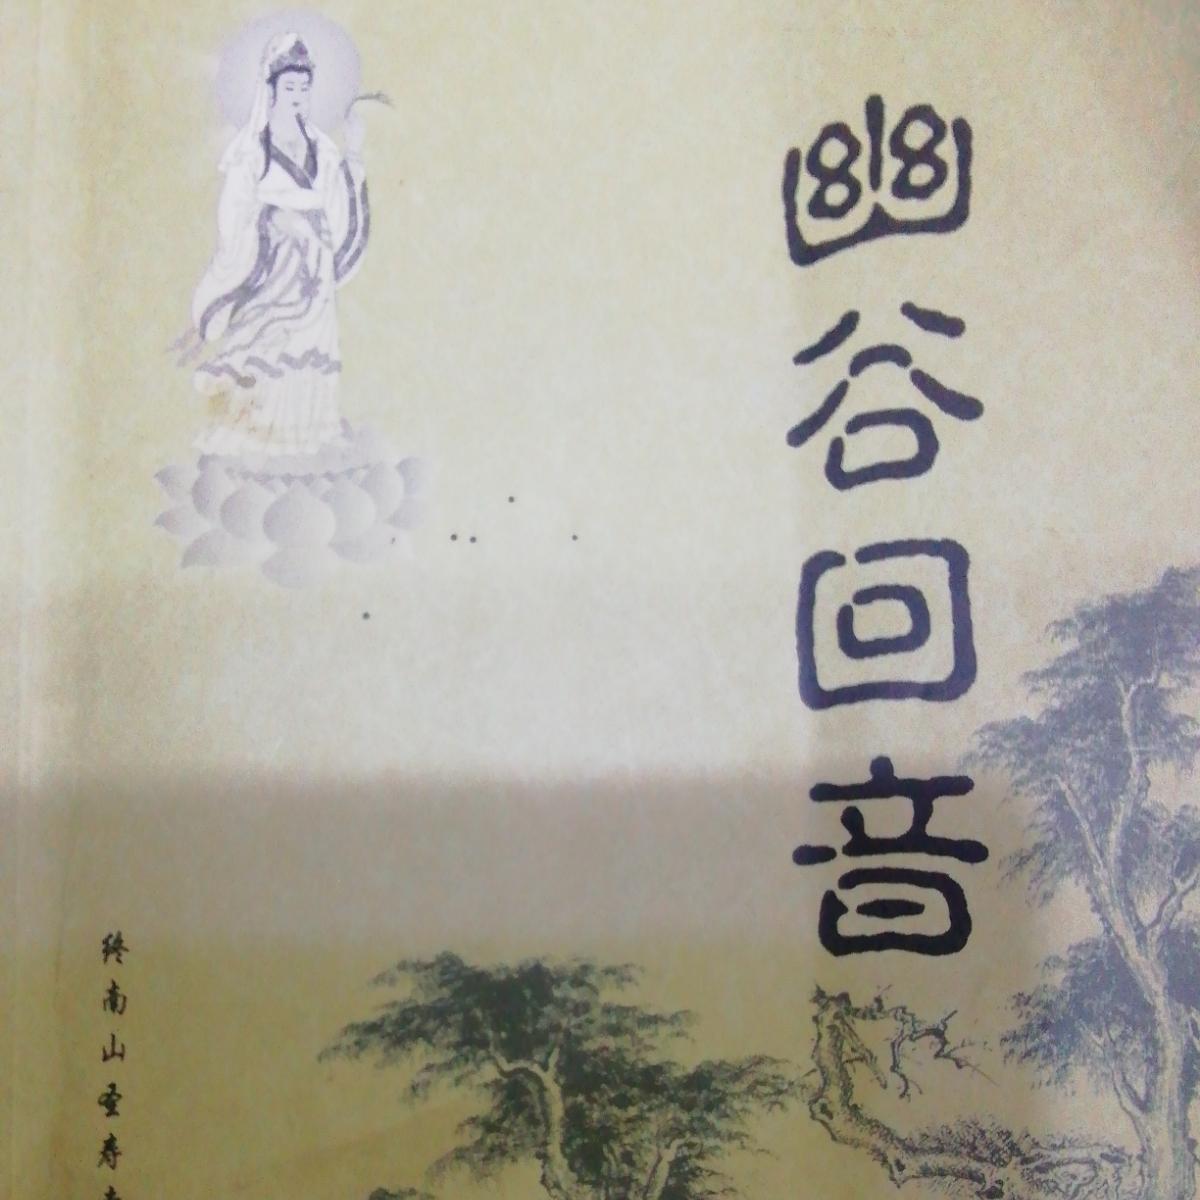 《幽谷回音》释广宽法师(著)